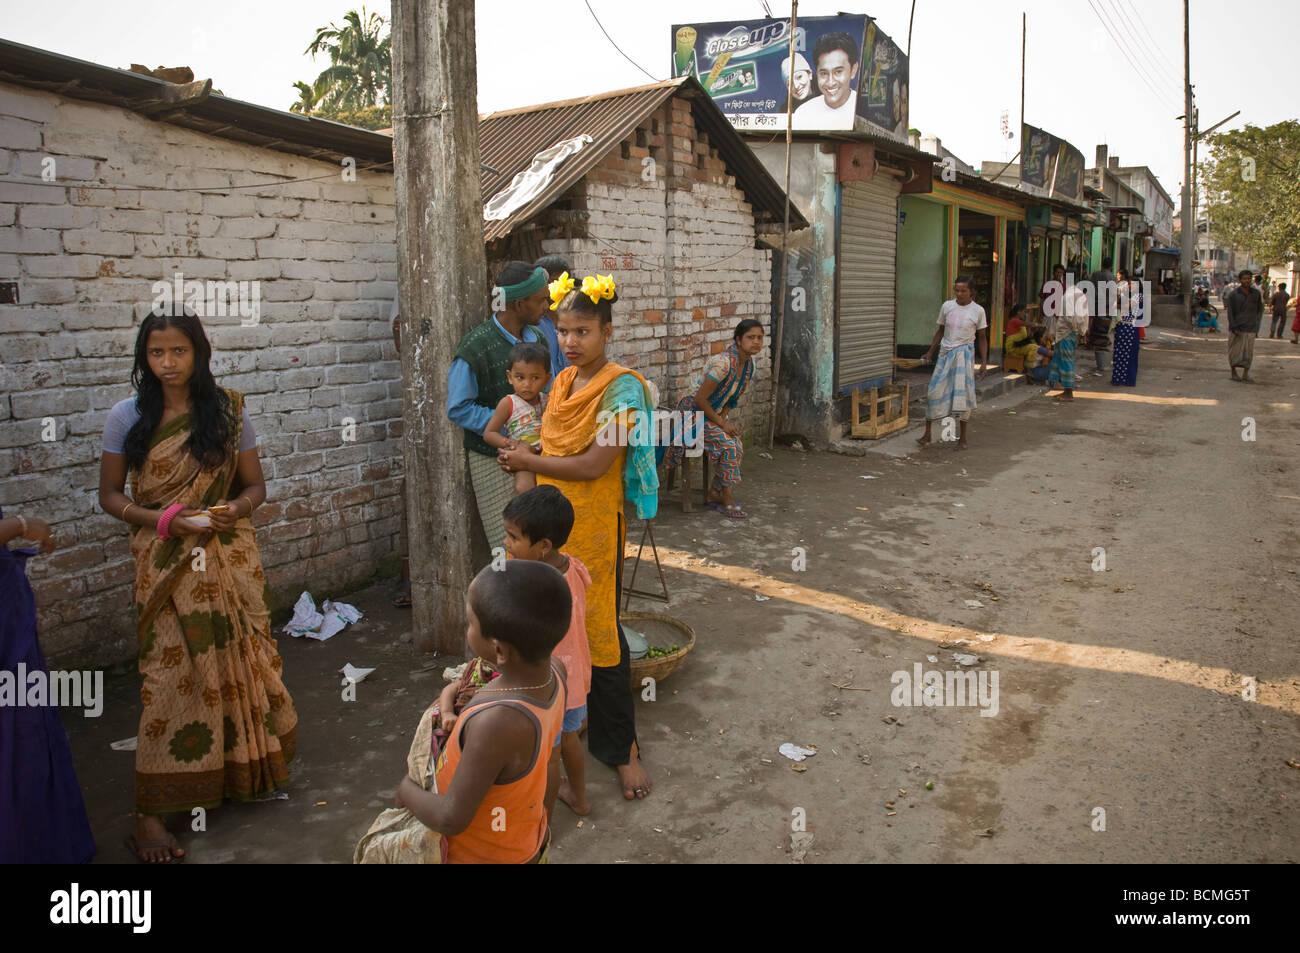 Babes in Jamalpur